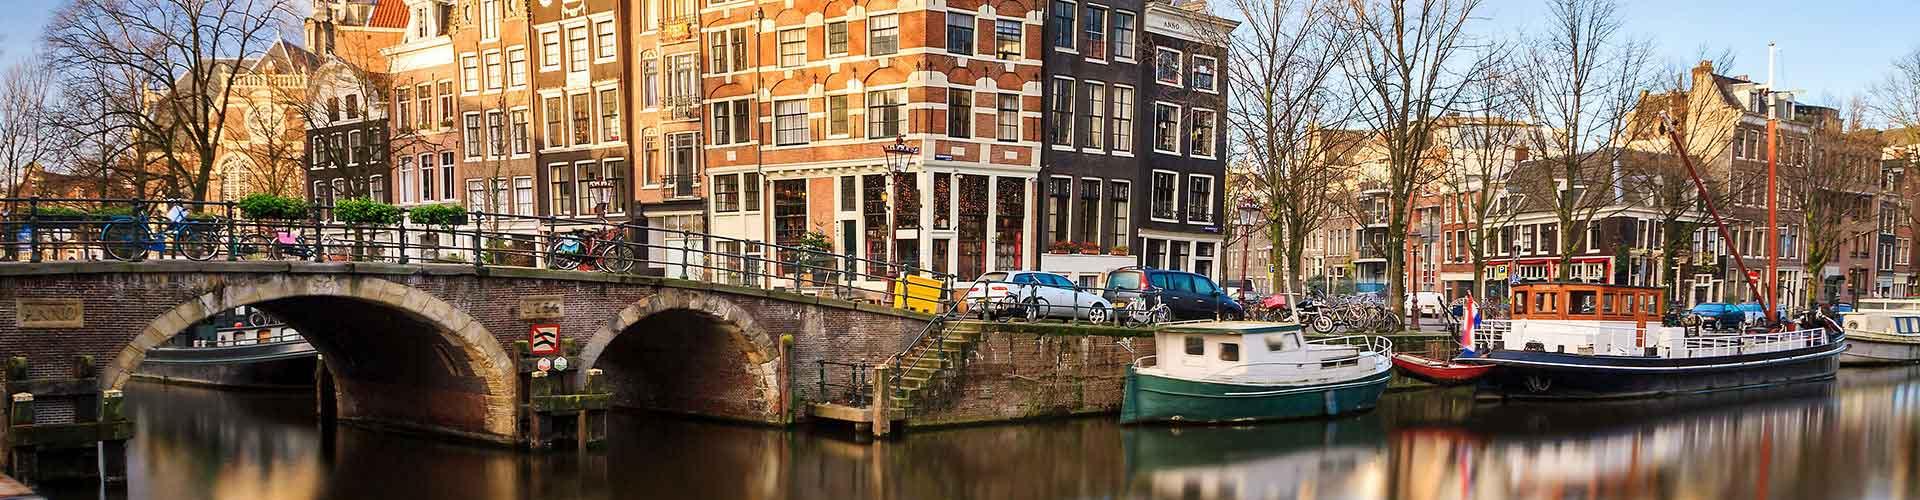 Amsterdam – Camere a Amsterdam. Mappe per Amsterdam, Foto e  Recensioni per ogni Camera a Amsterdam.